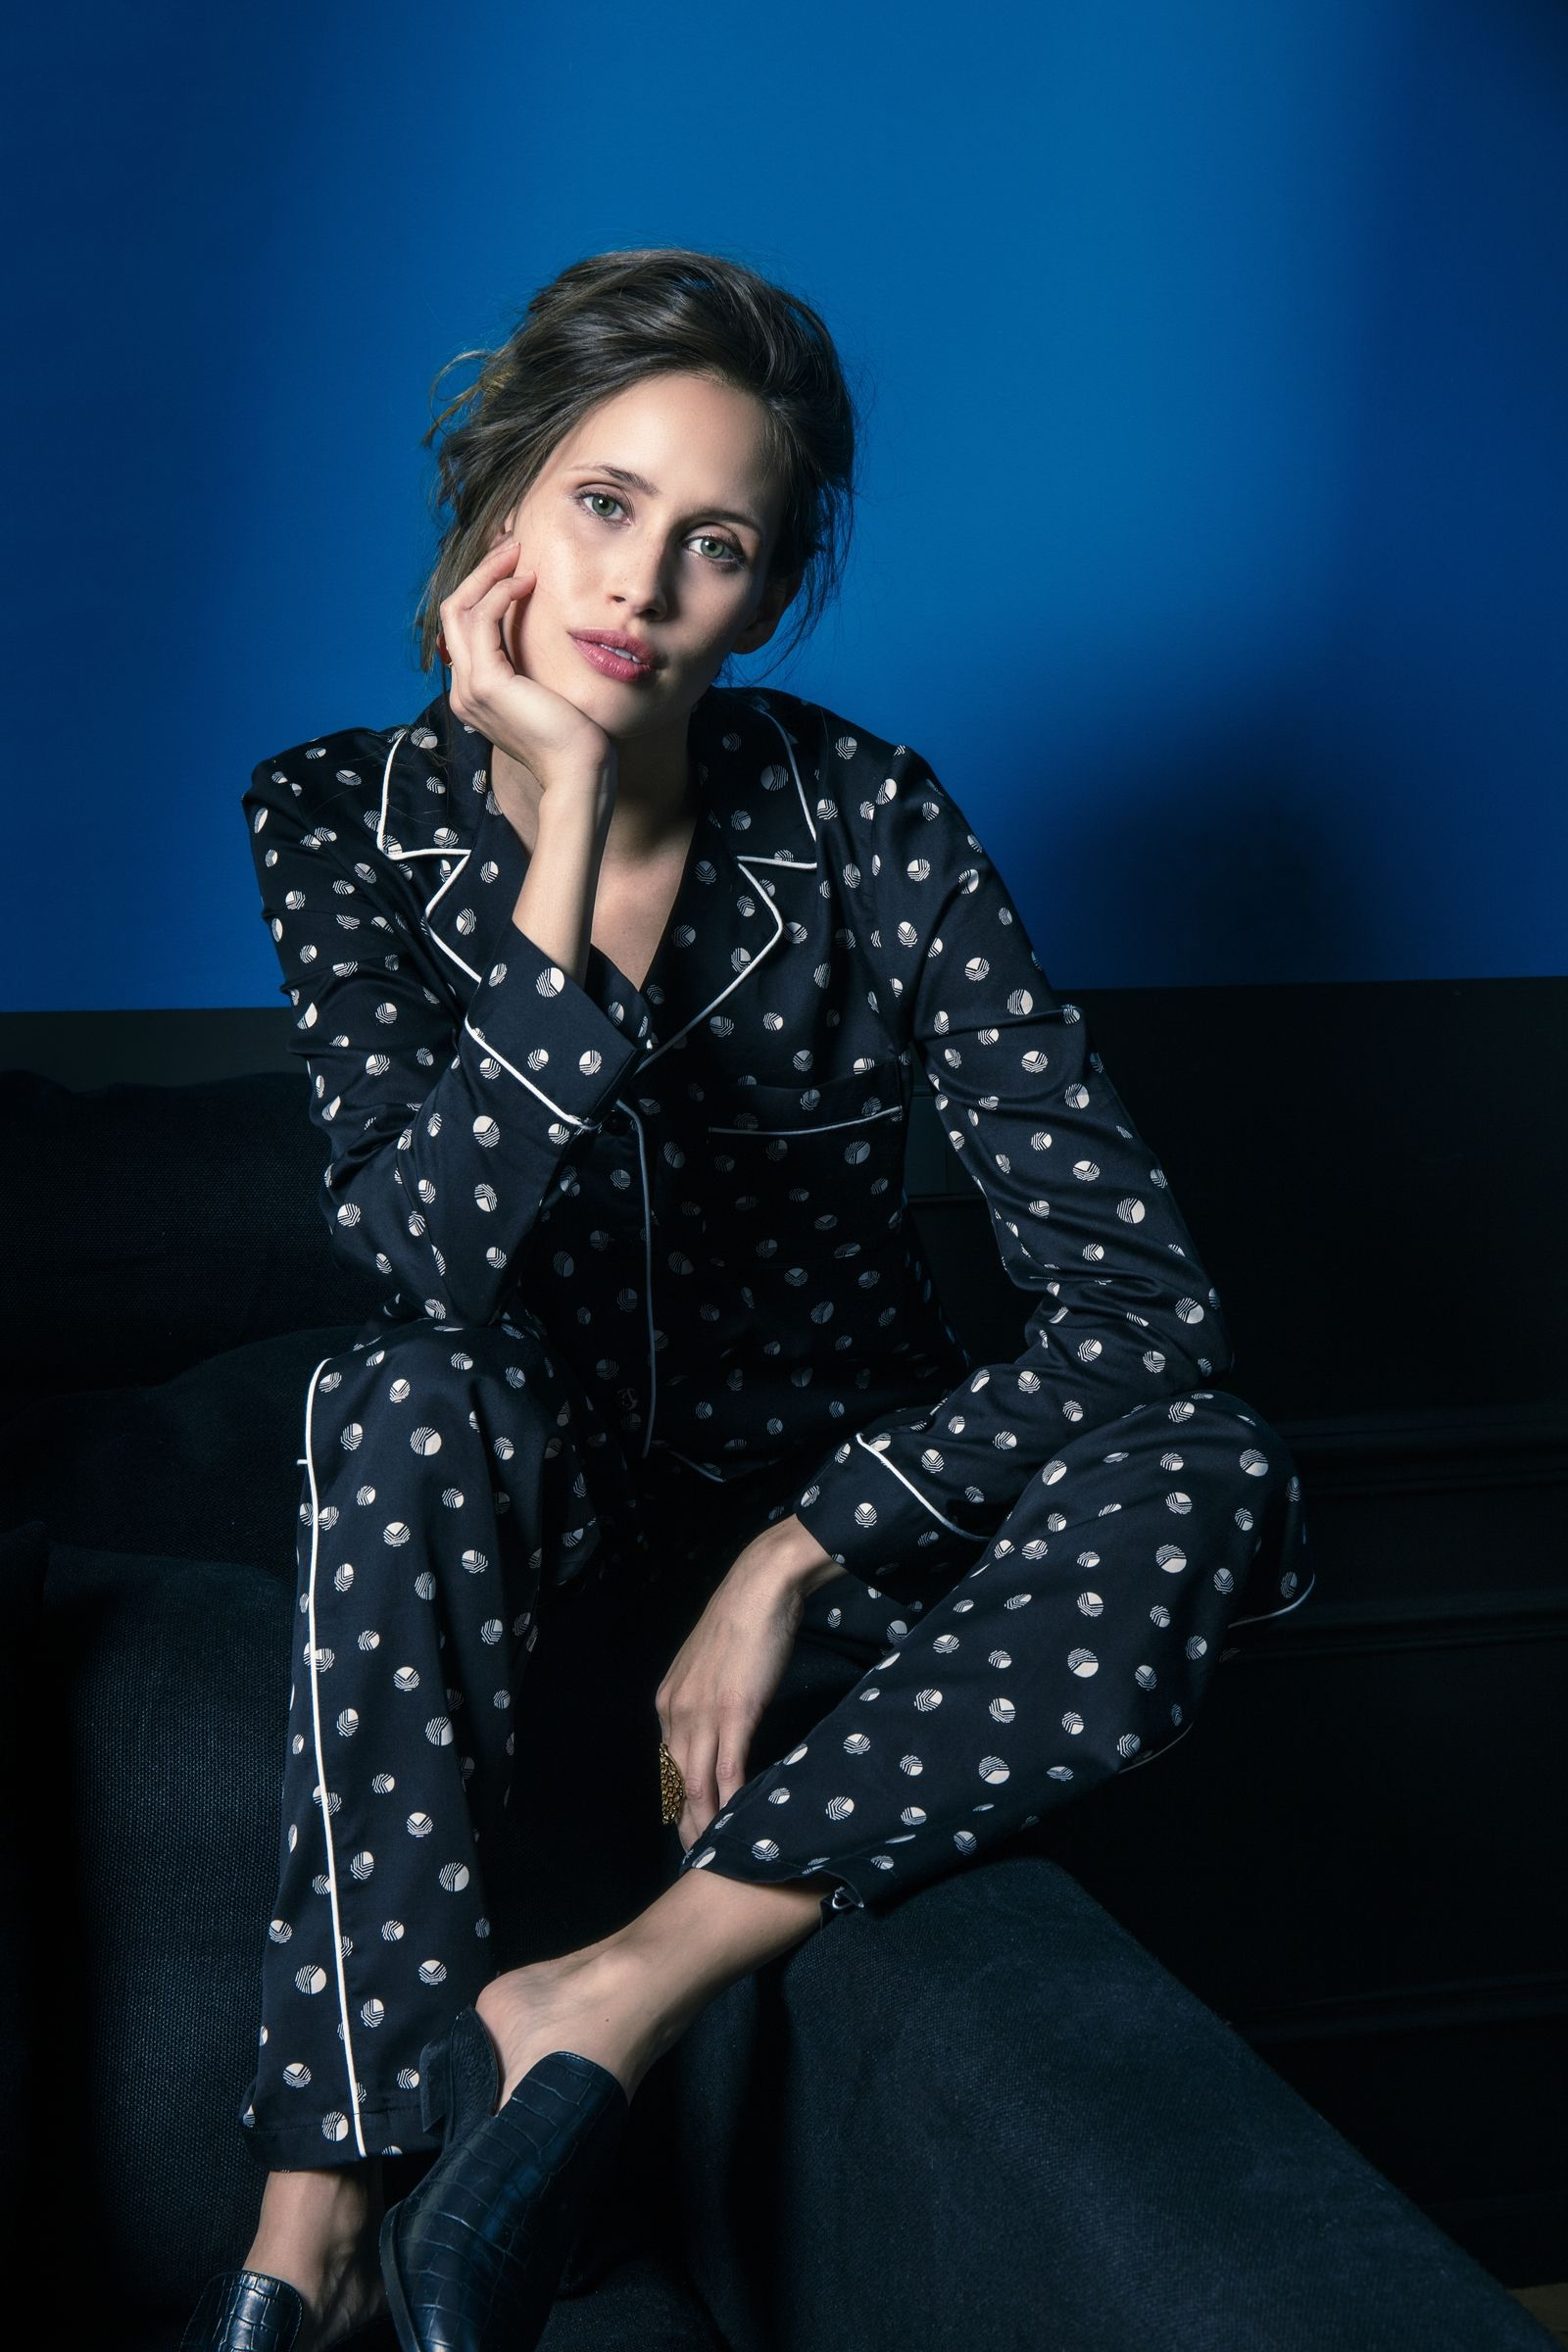 Black printed pure cotton ladies pyjamas | PAJAMAS | Pinterest ...